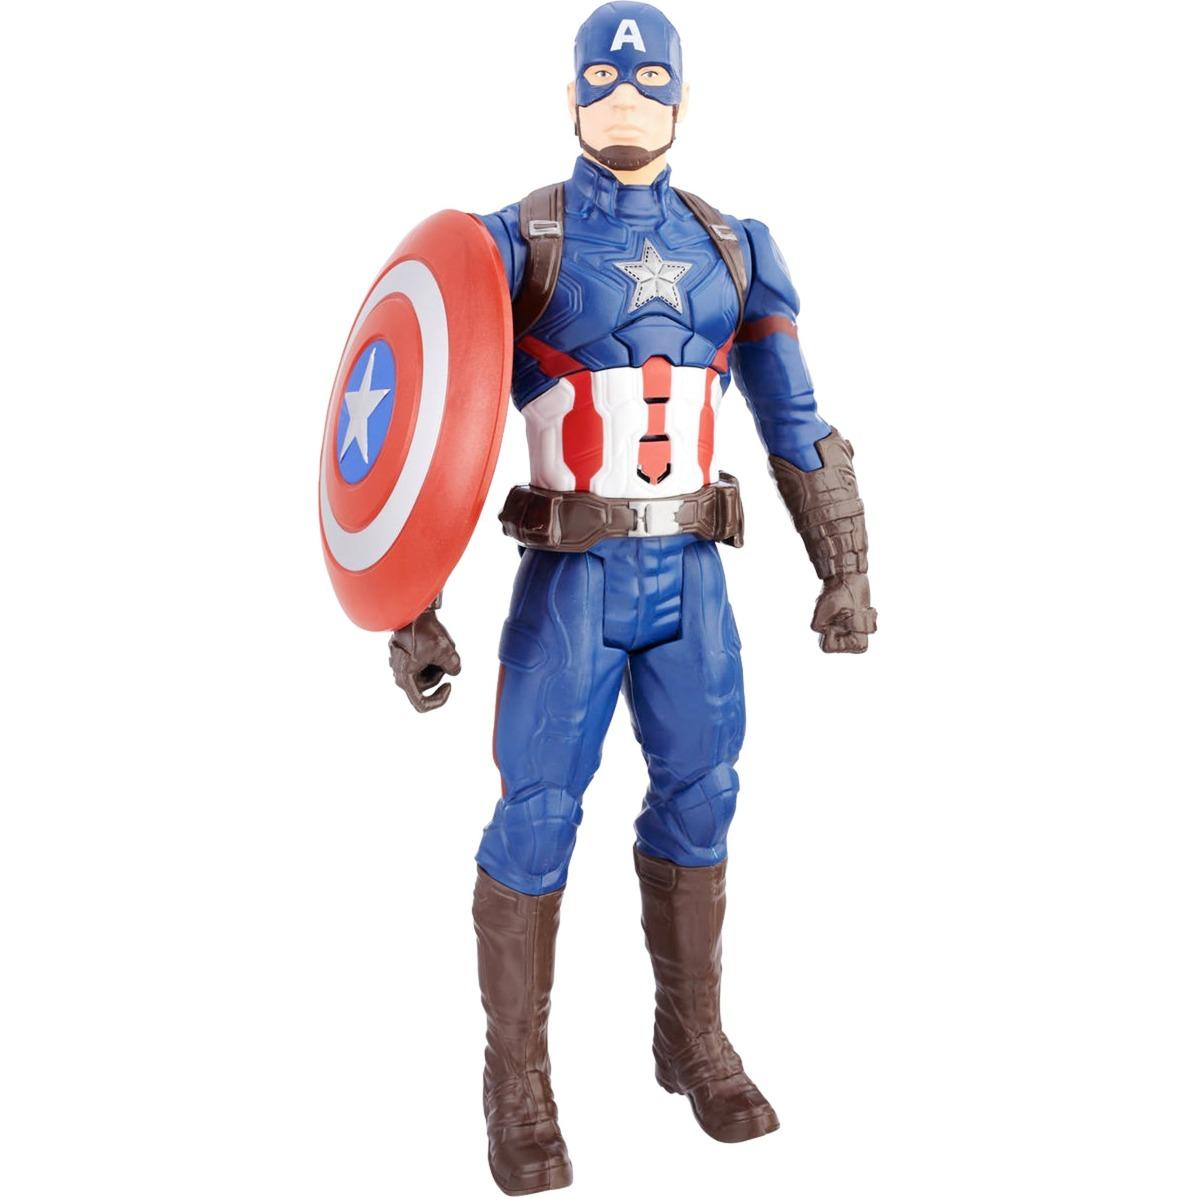 marvel-avengers-12-inch-electronic-captain-america-1pcs-blaa-rod-hvid-dreng-spil-figur